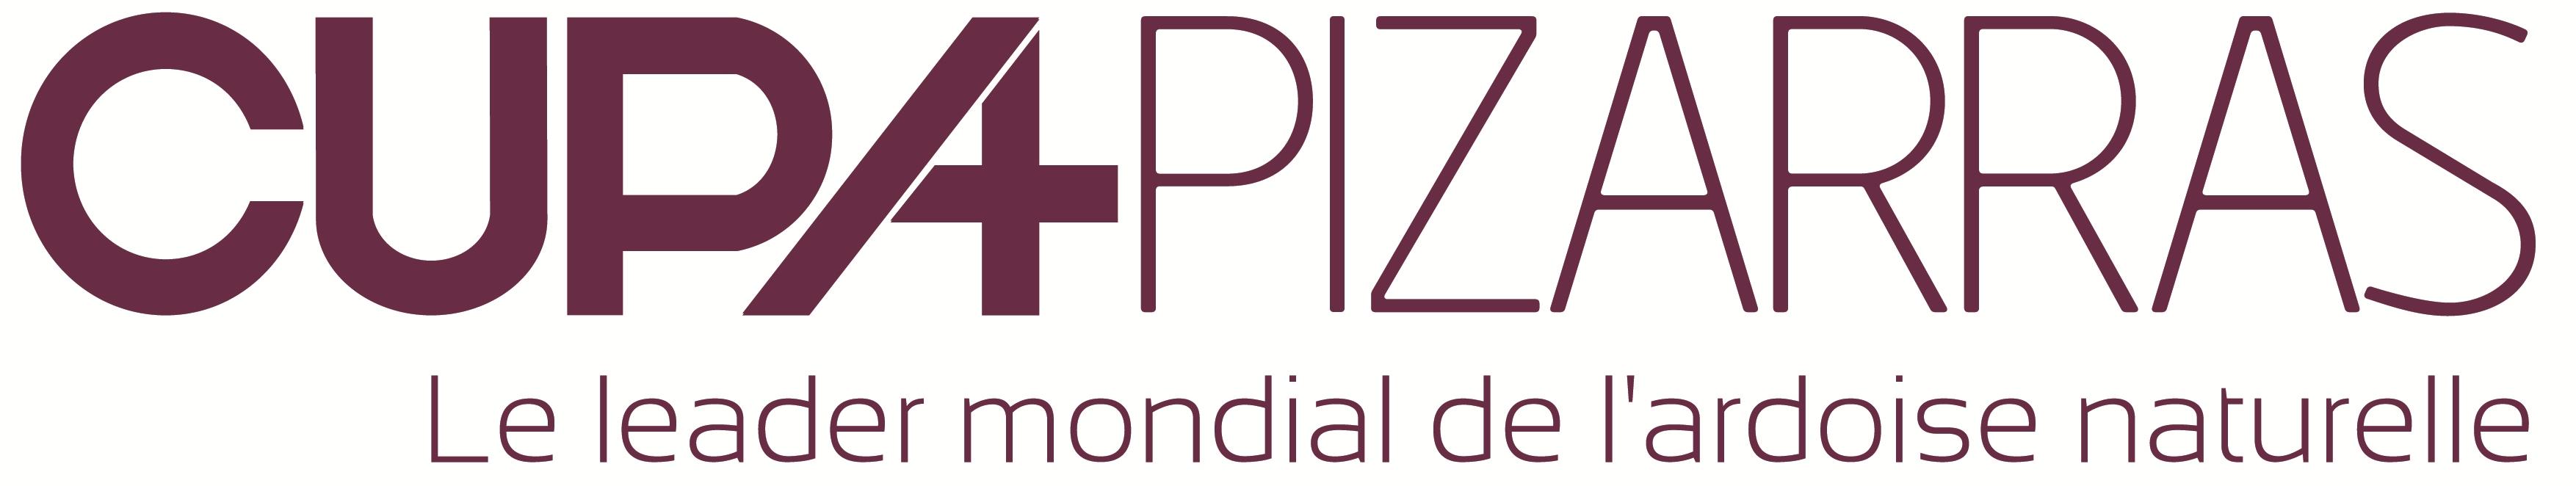 CUPAPIZARRAS_fr.jpg